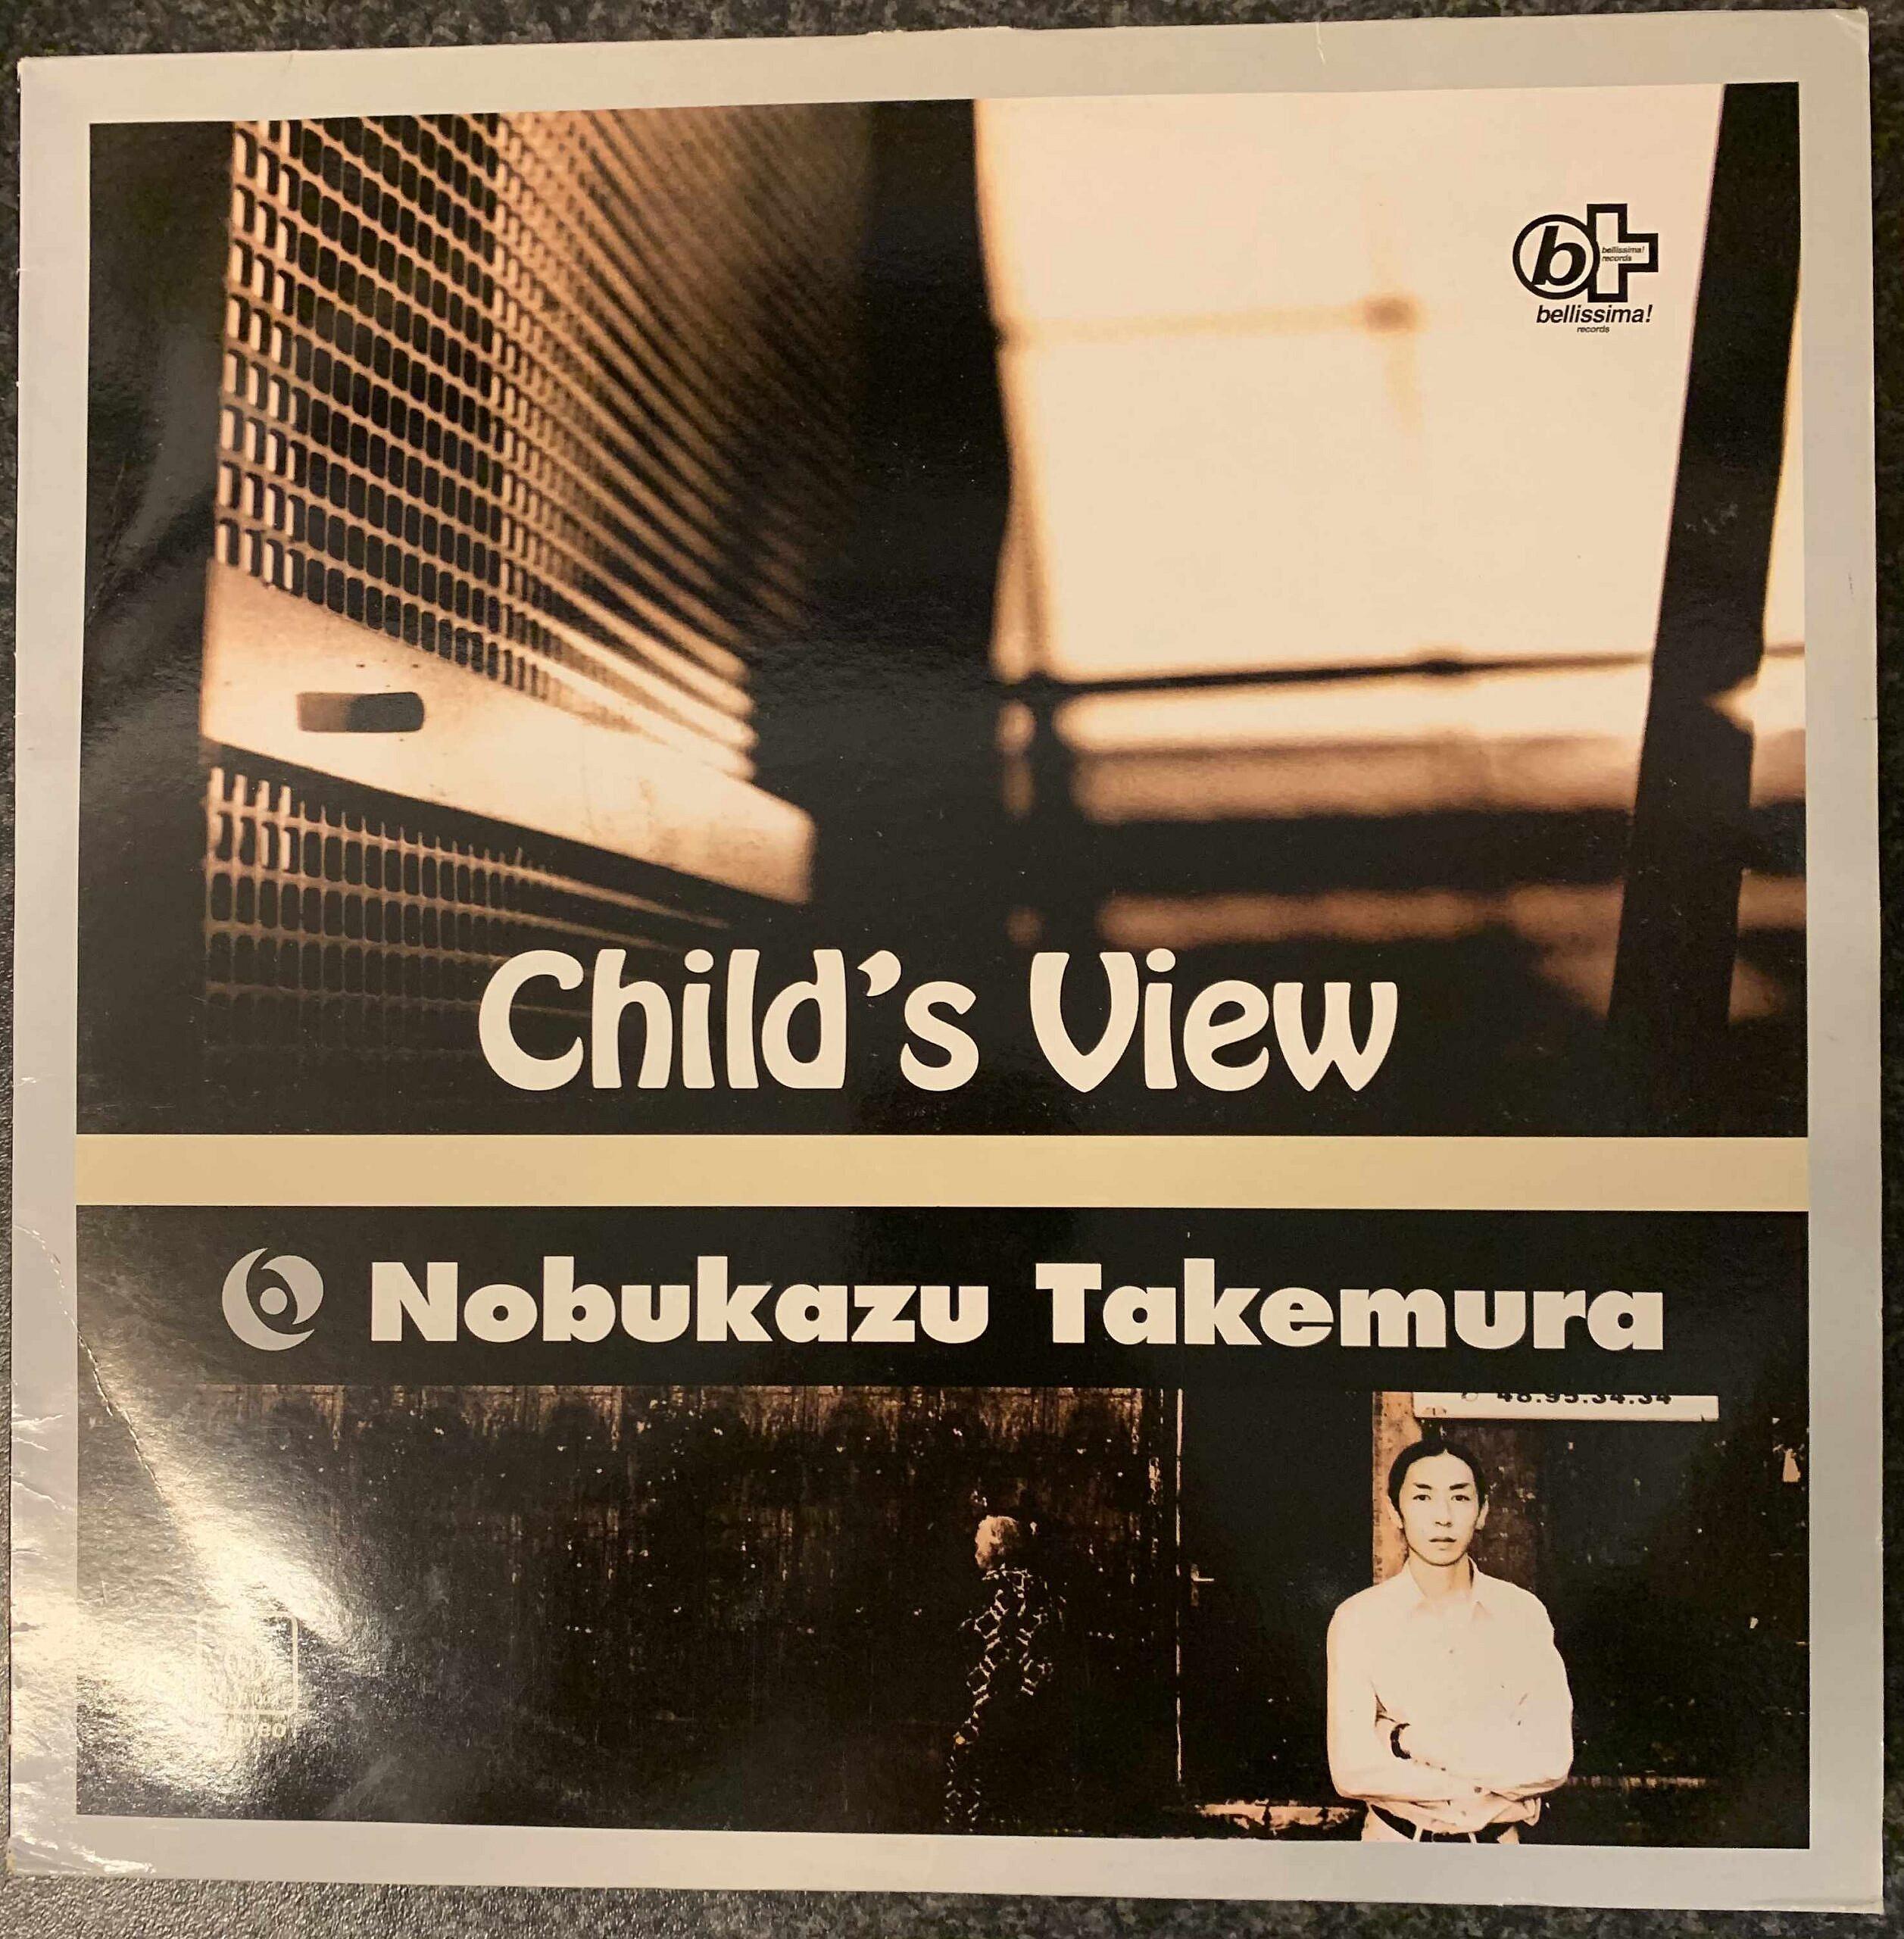 Child's View